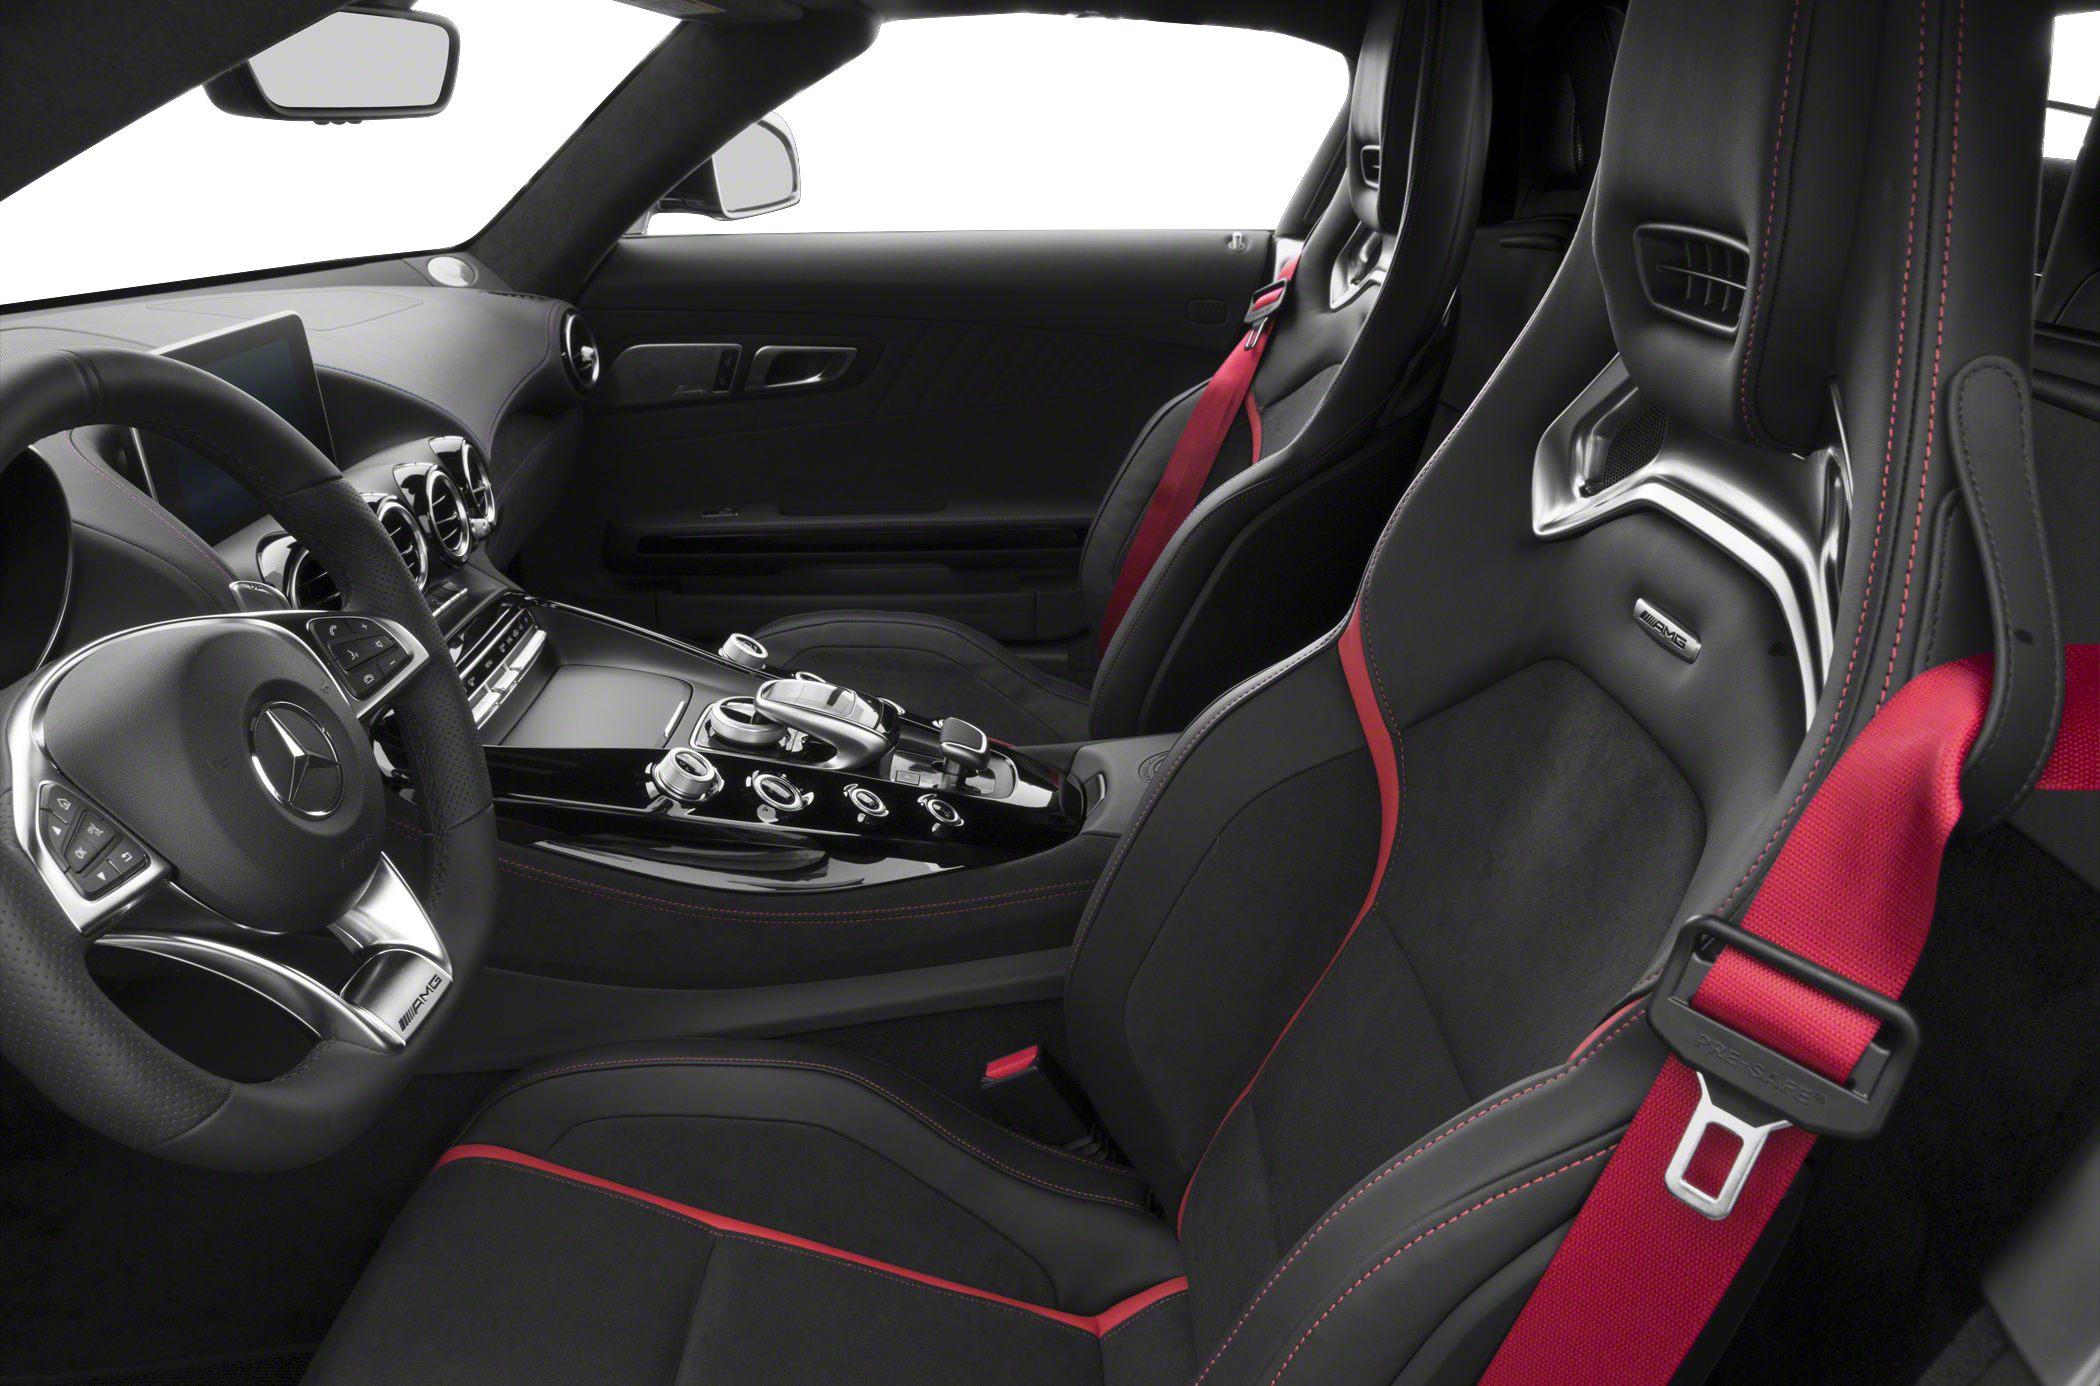 2018 MERCEDES AMG GT BASE